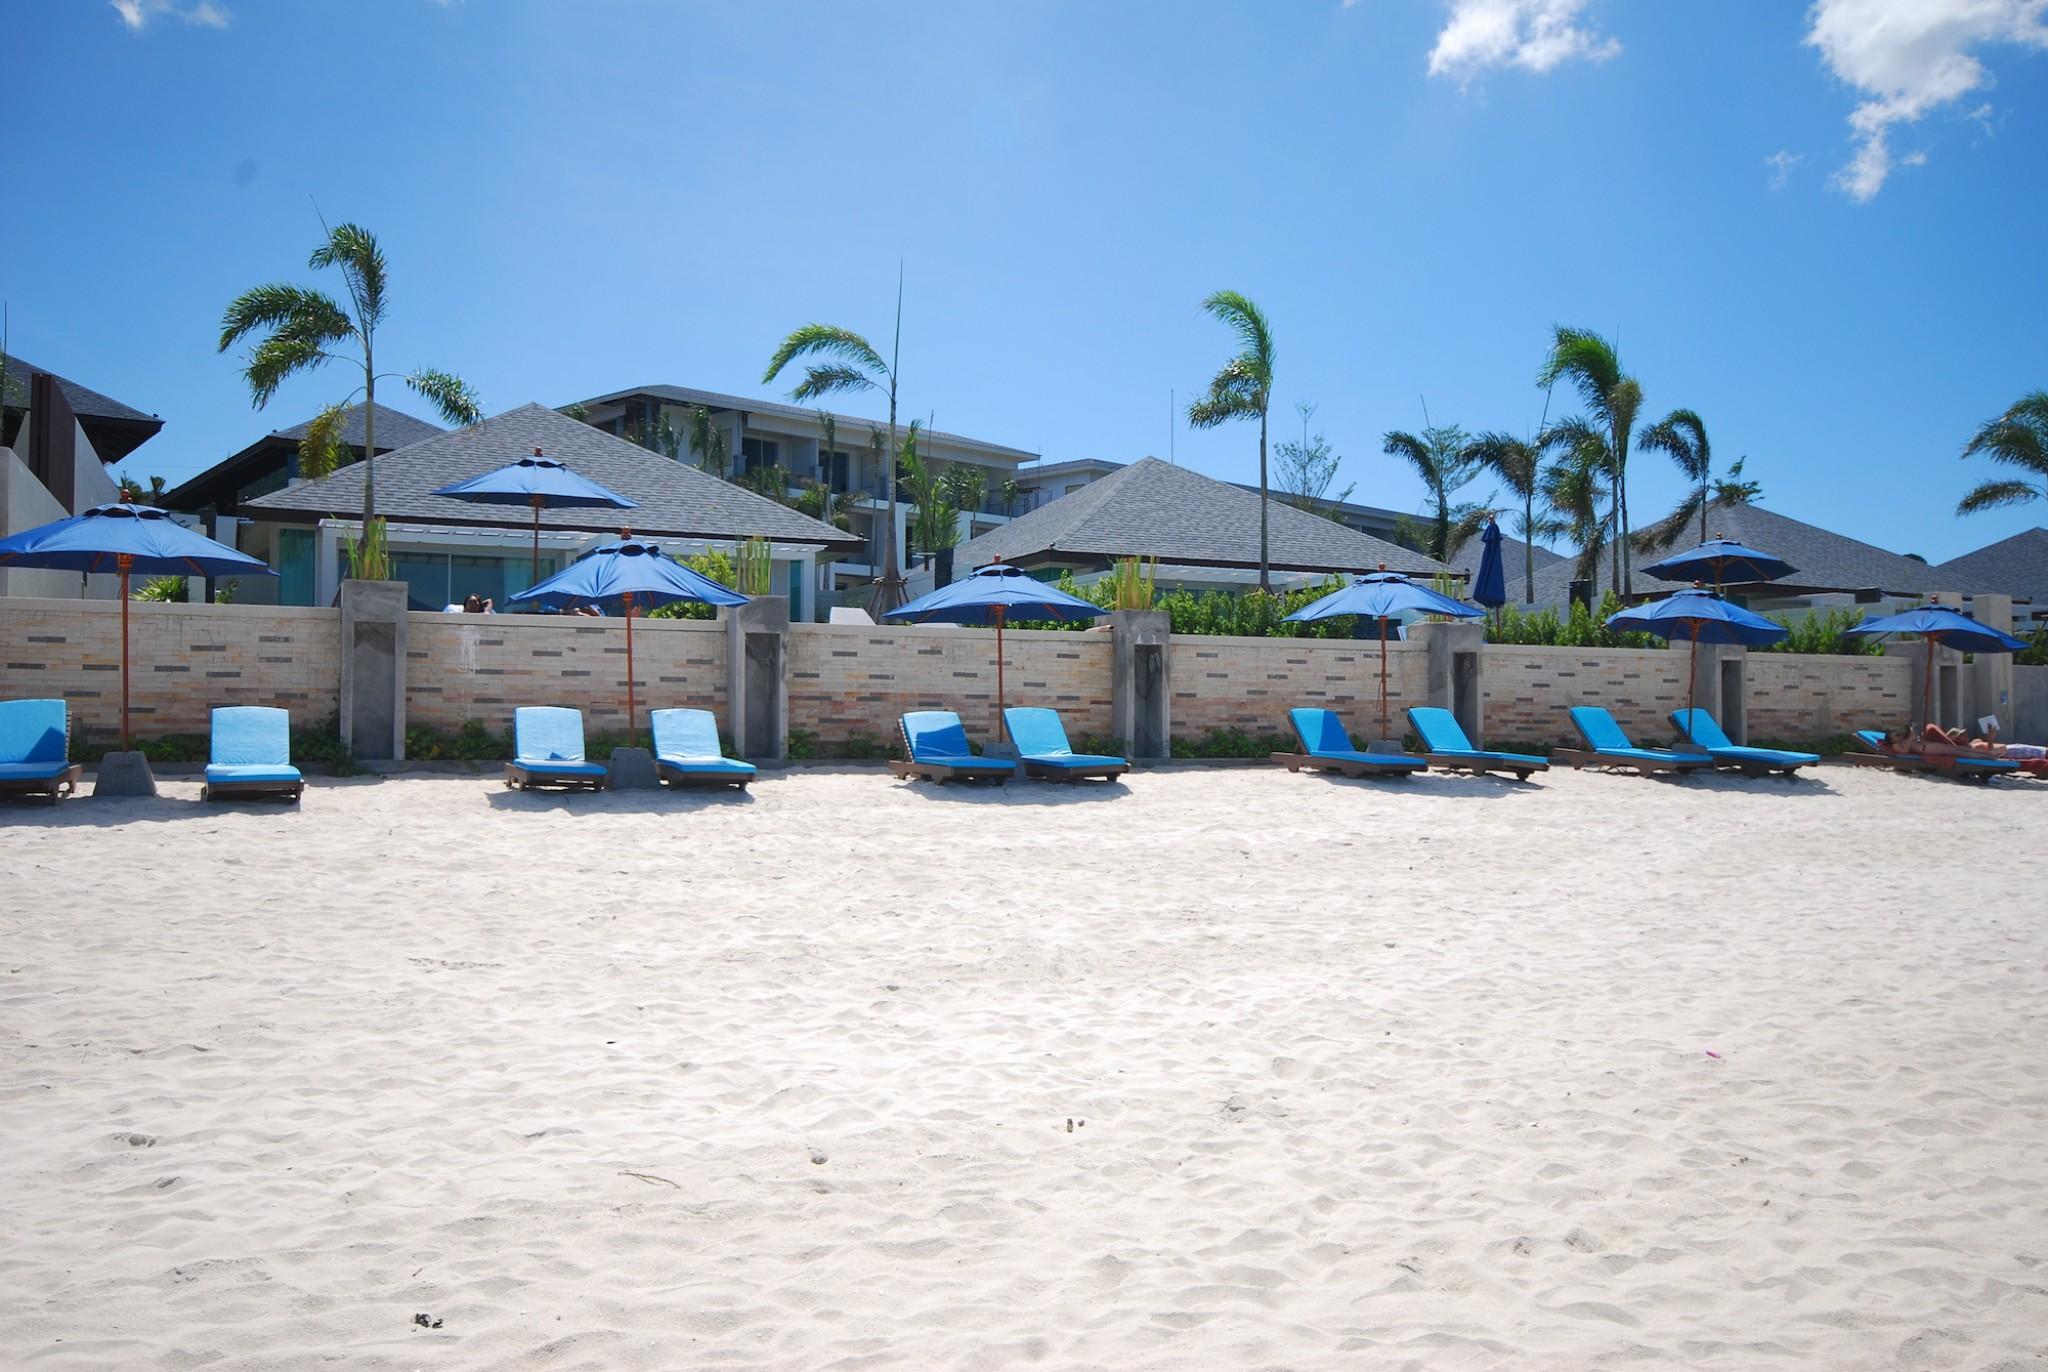 苏梅岛沙滩度假村饭店 (samui resotel beach resort)